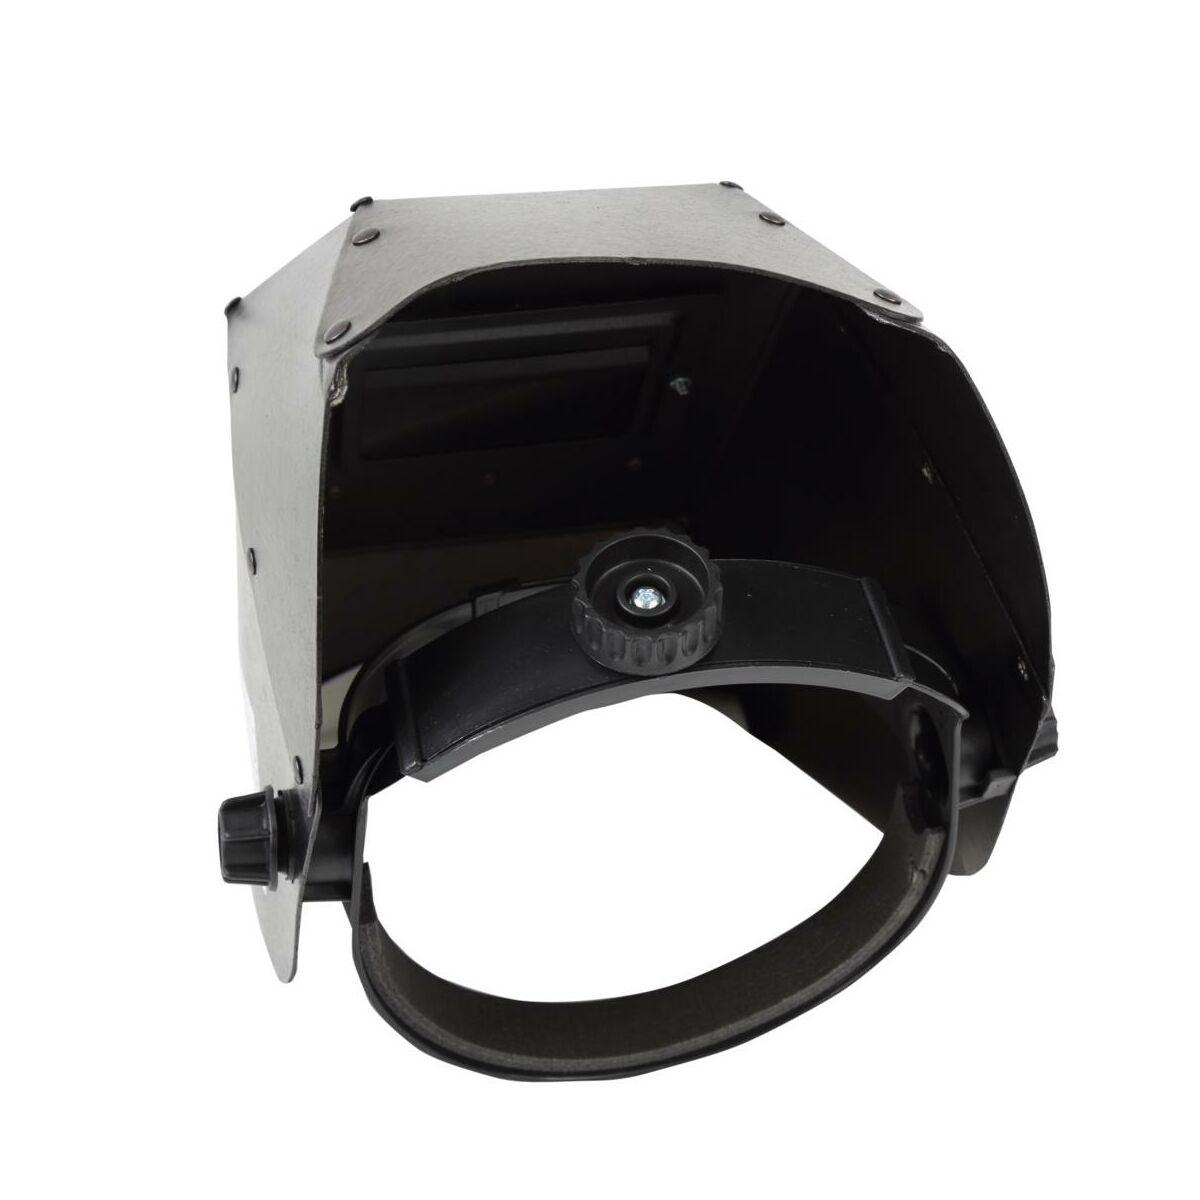 Przylbica Spawalnicza Z Podgladem L1540200 Lahti Pro Maski I Okulary Spawalnicze W Atrakcyjnej Cenie W Sklepach Leroy Merlin